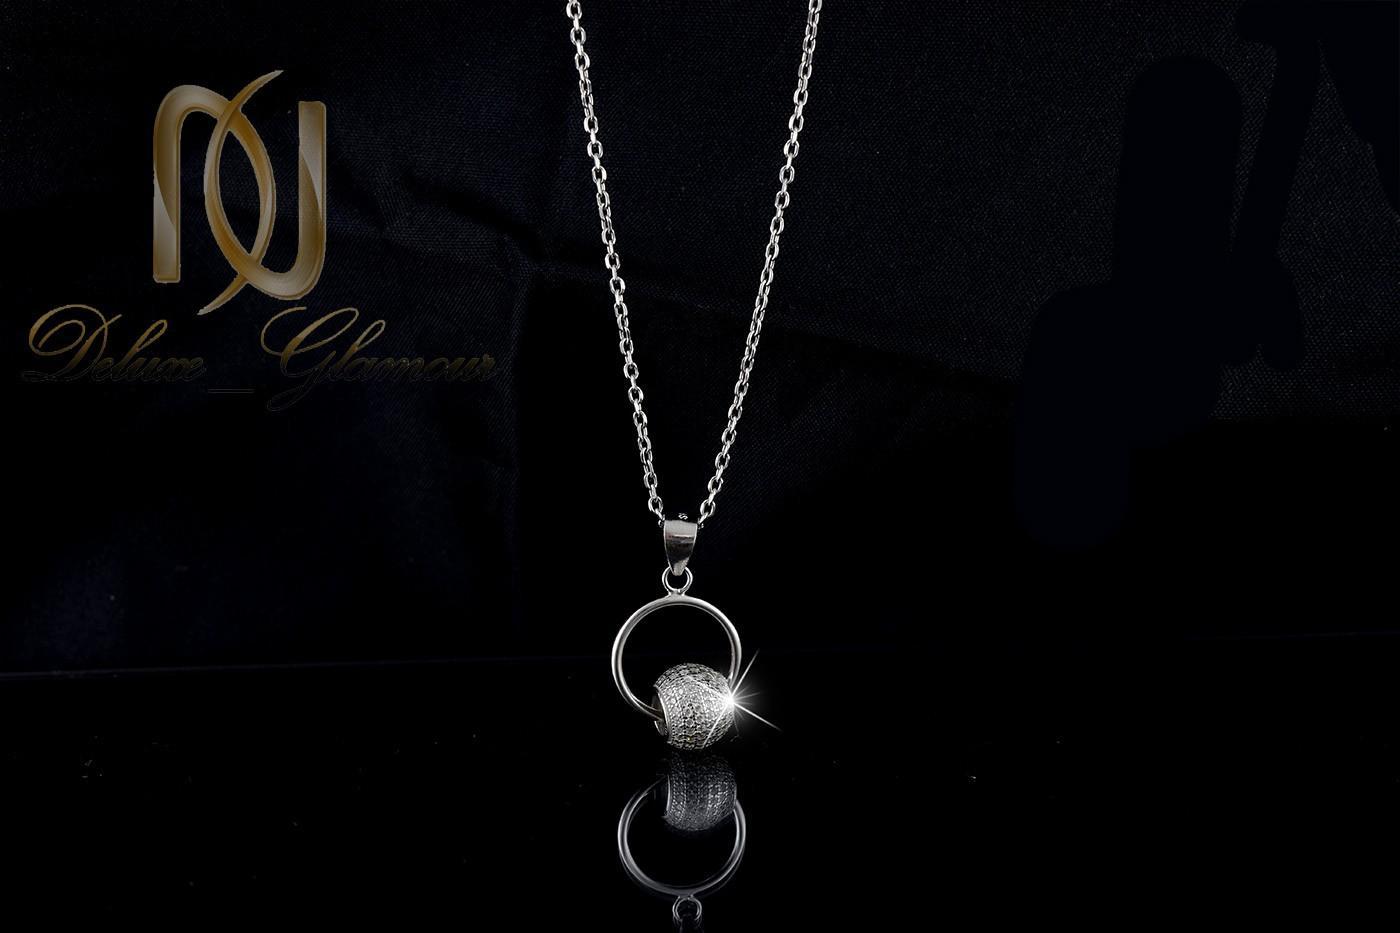 گردنبند دخترانه نقره با طرح حلقه و توپ nw-n266 از نمای مشکی